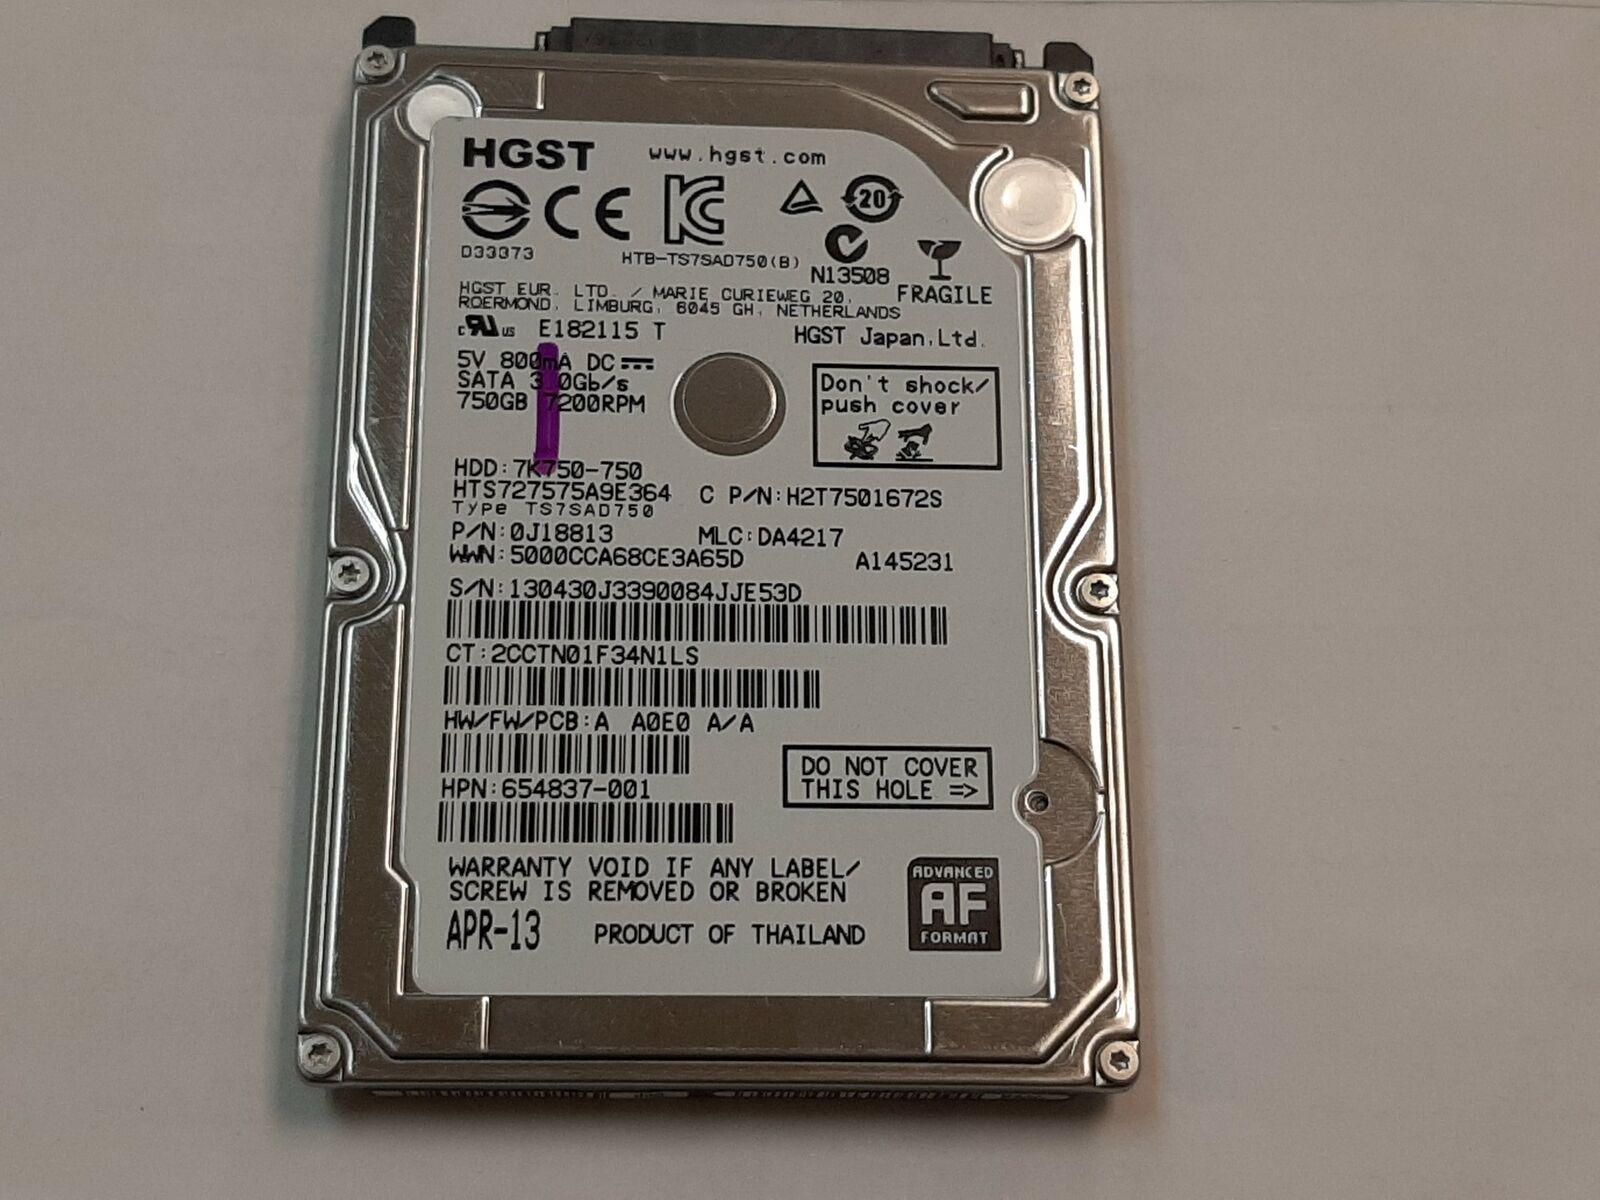 Hgst 750gb 7200rpm 2 5 Sata Laptop Hard Drive Hts727575a9e364 For Sale Online